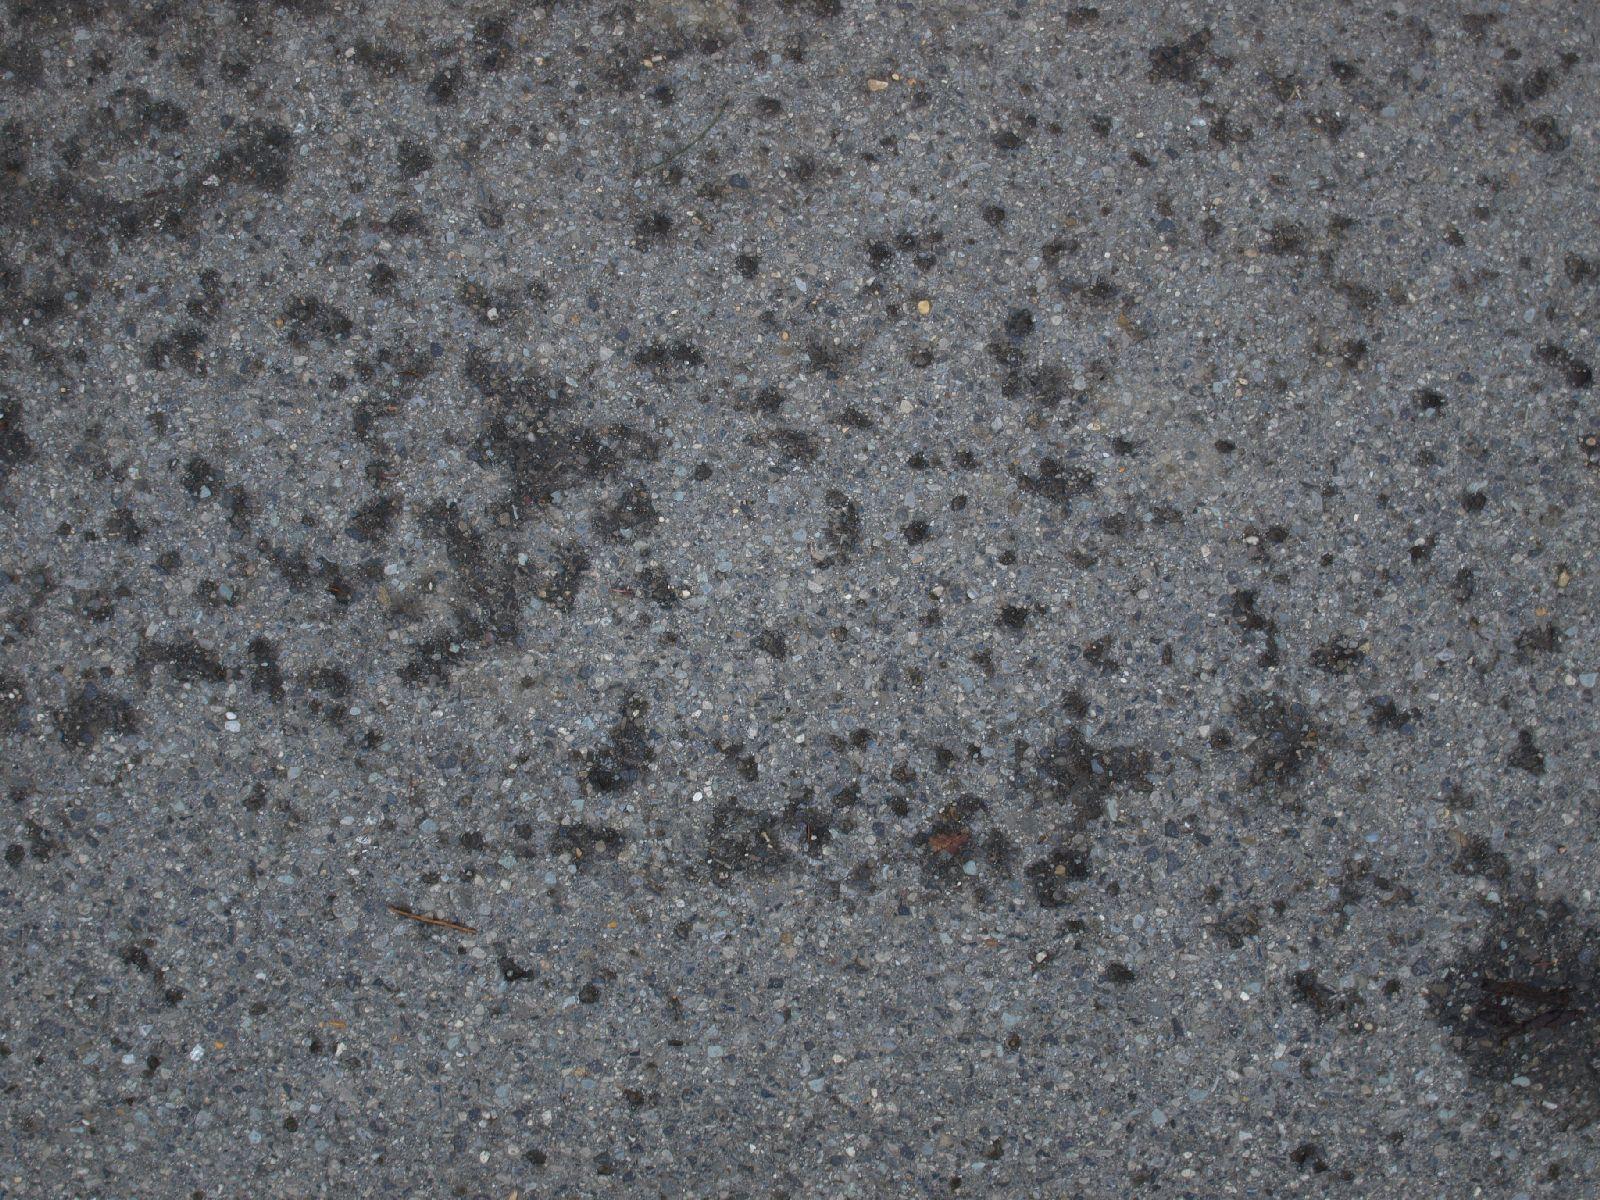 Boden-Gehweg-Strasse-Buergersteig-Textur_A_P2210810